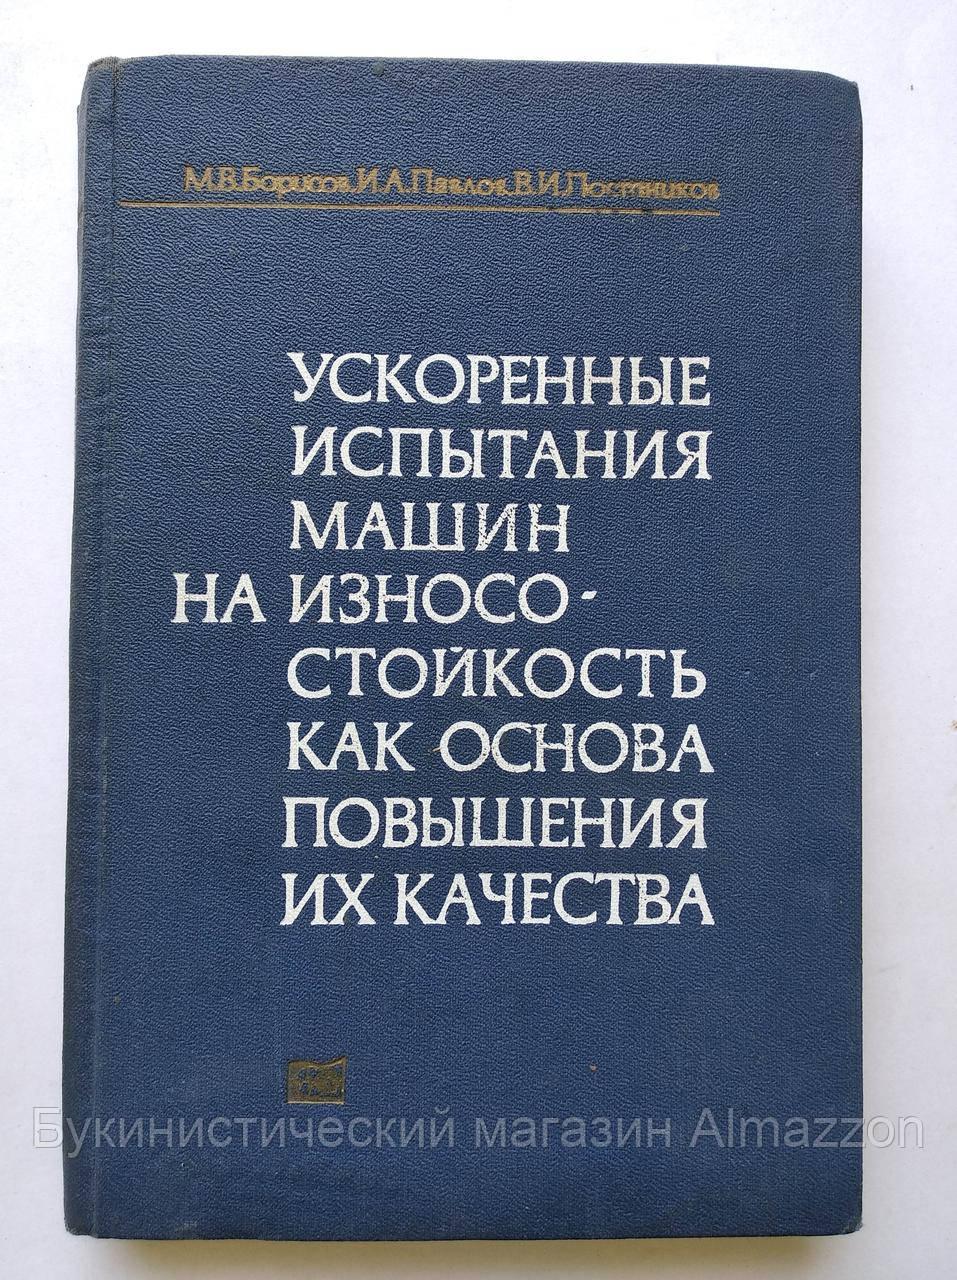 М.Борисов и др. Ускоренные испытания машин на износостойкость как основа повышения их качества